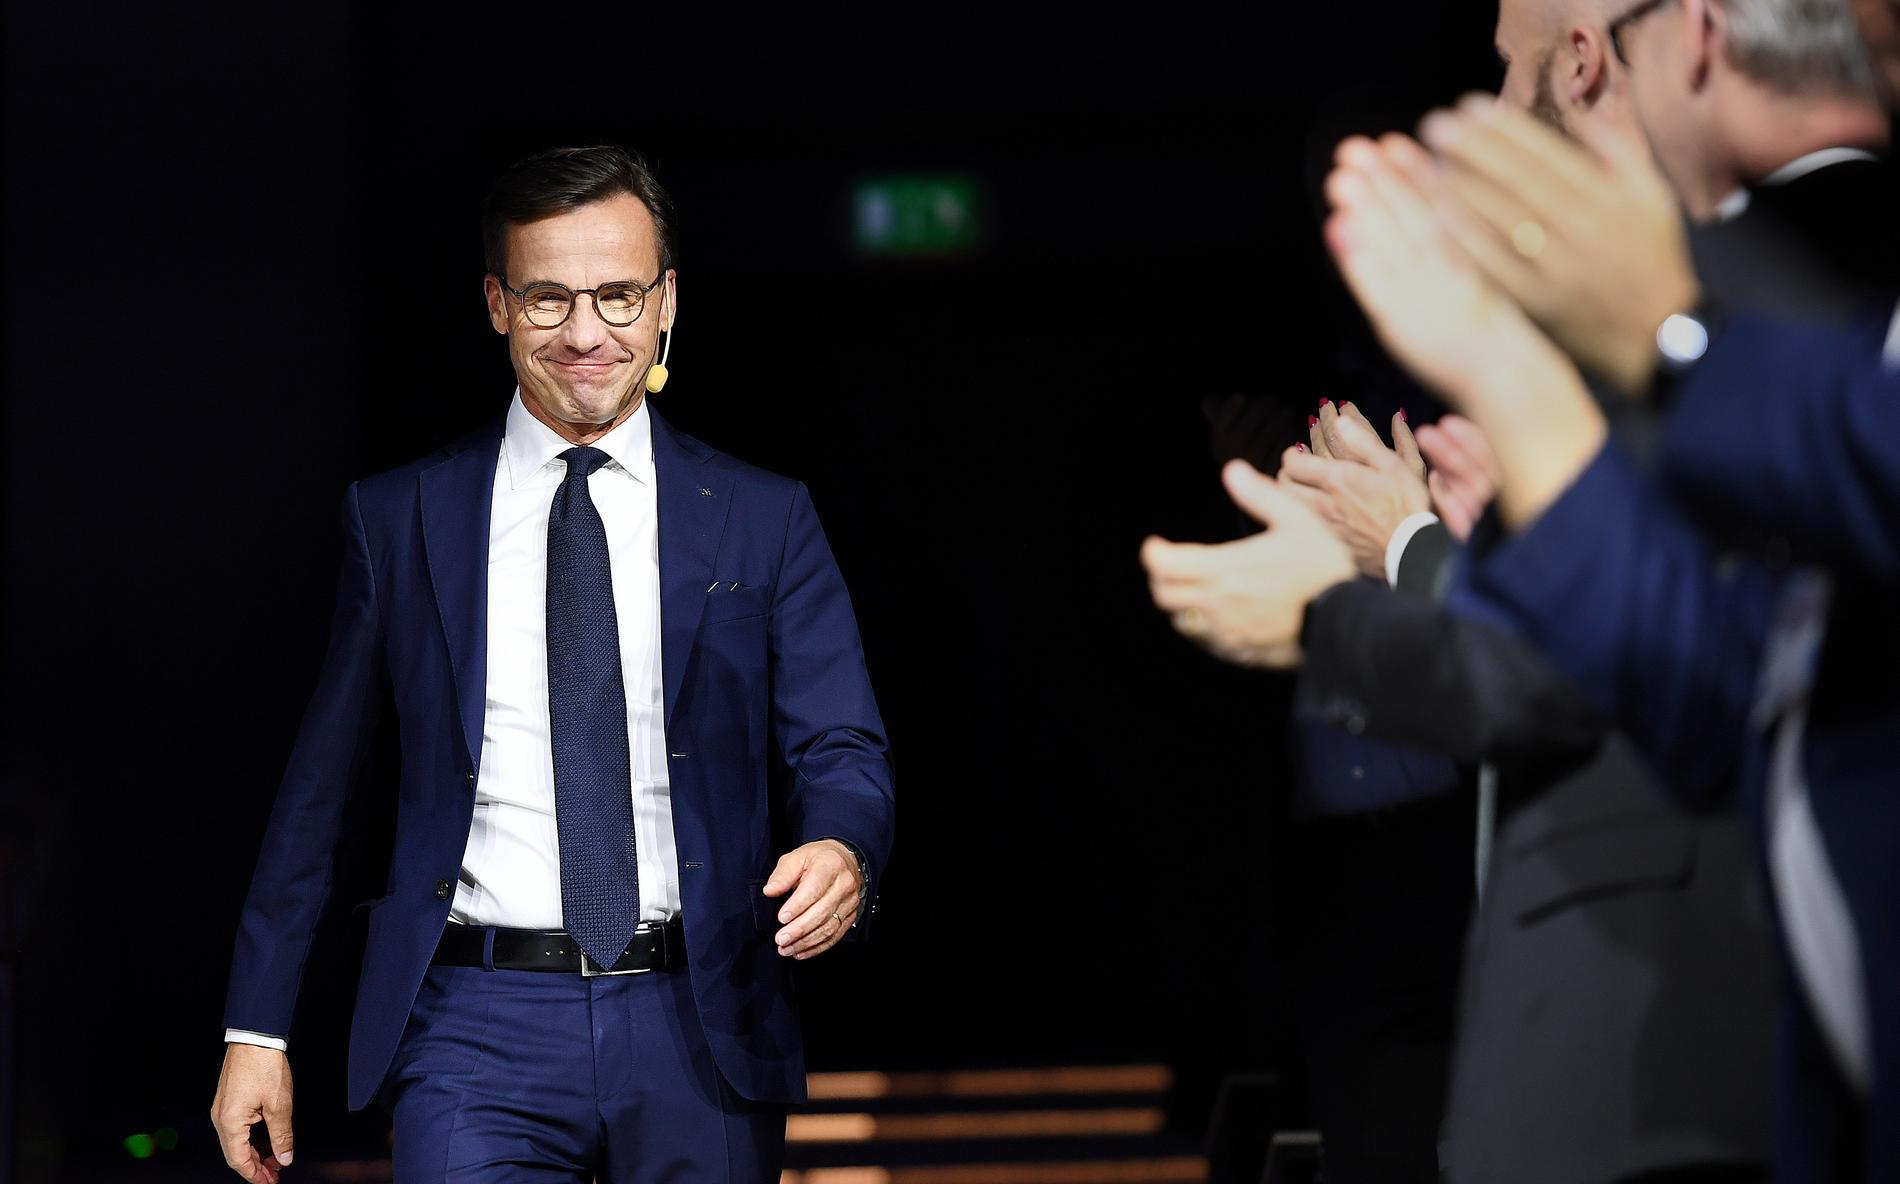 Ulf Kristersson kritiserade regeringen för saktfärdigt agerande ifråga om översynen av LSU. De sex män som klassats som hot mot rikets säkerhet av Säpo hade möjligen kunnat hållas i förvar genom förändringar i LSU, men det skulle inte förändra möjligheterna att verkställa utvisningsbesluten.